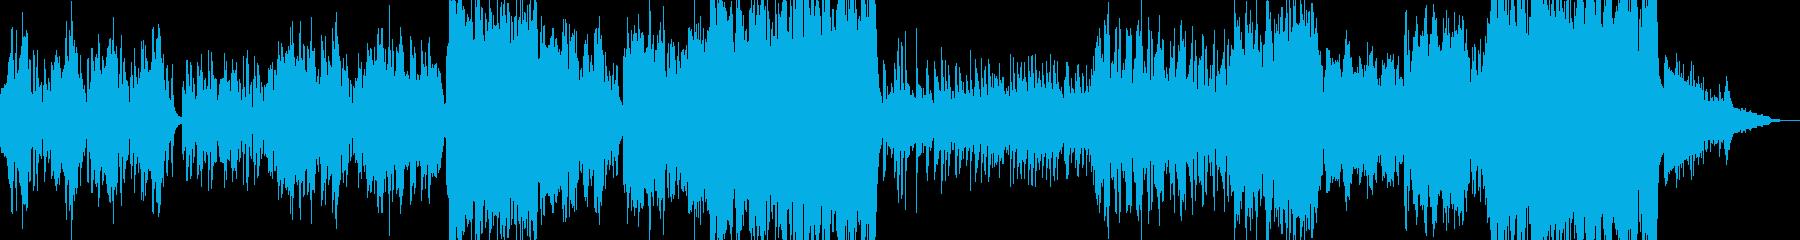 姫チックなワルツ・マイメロ風作品に B3の再生済みの波形